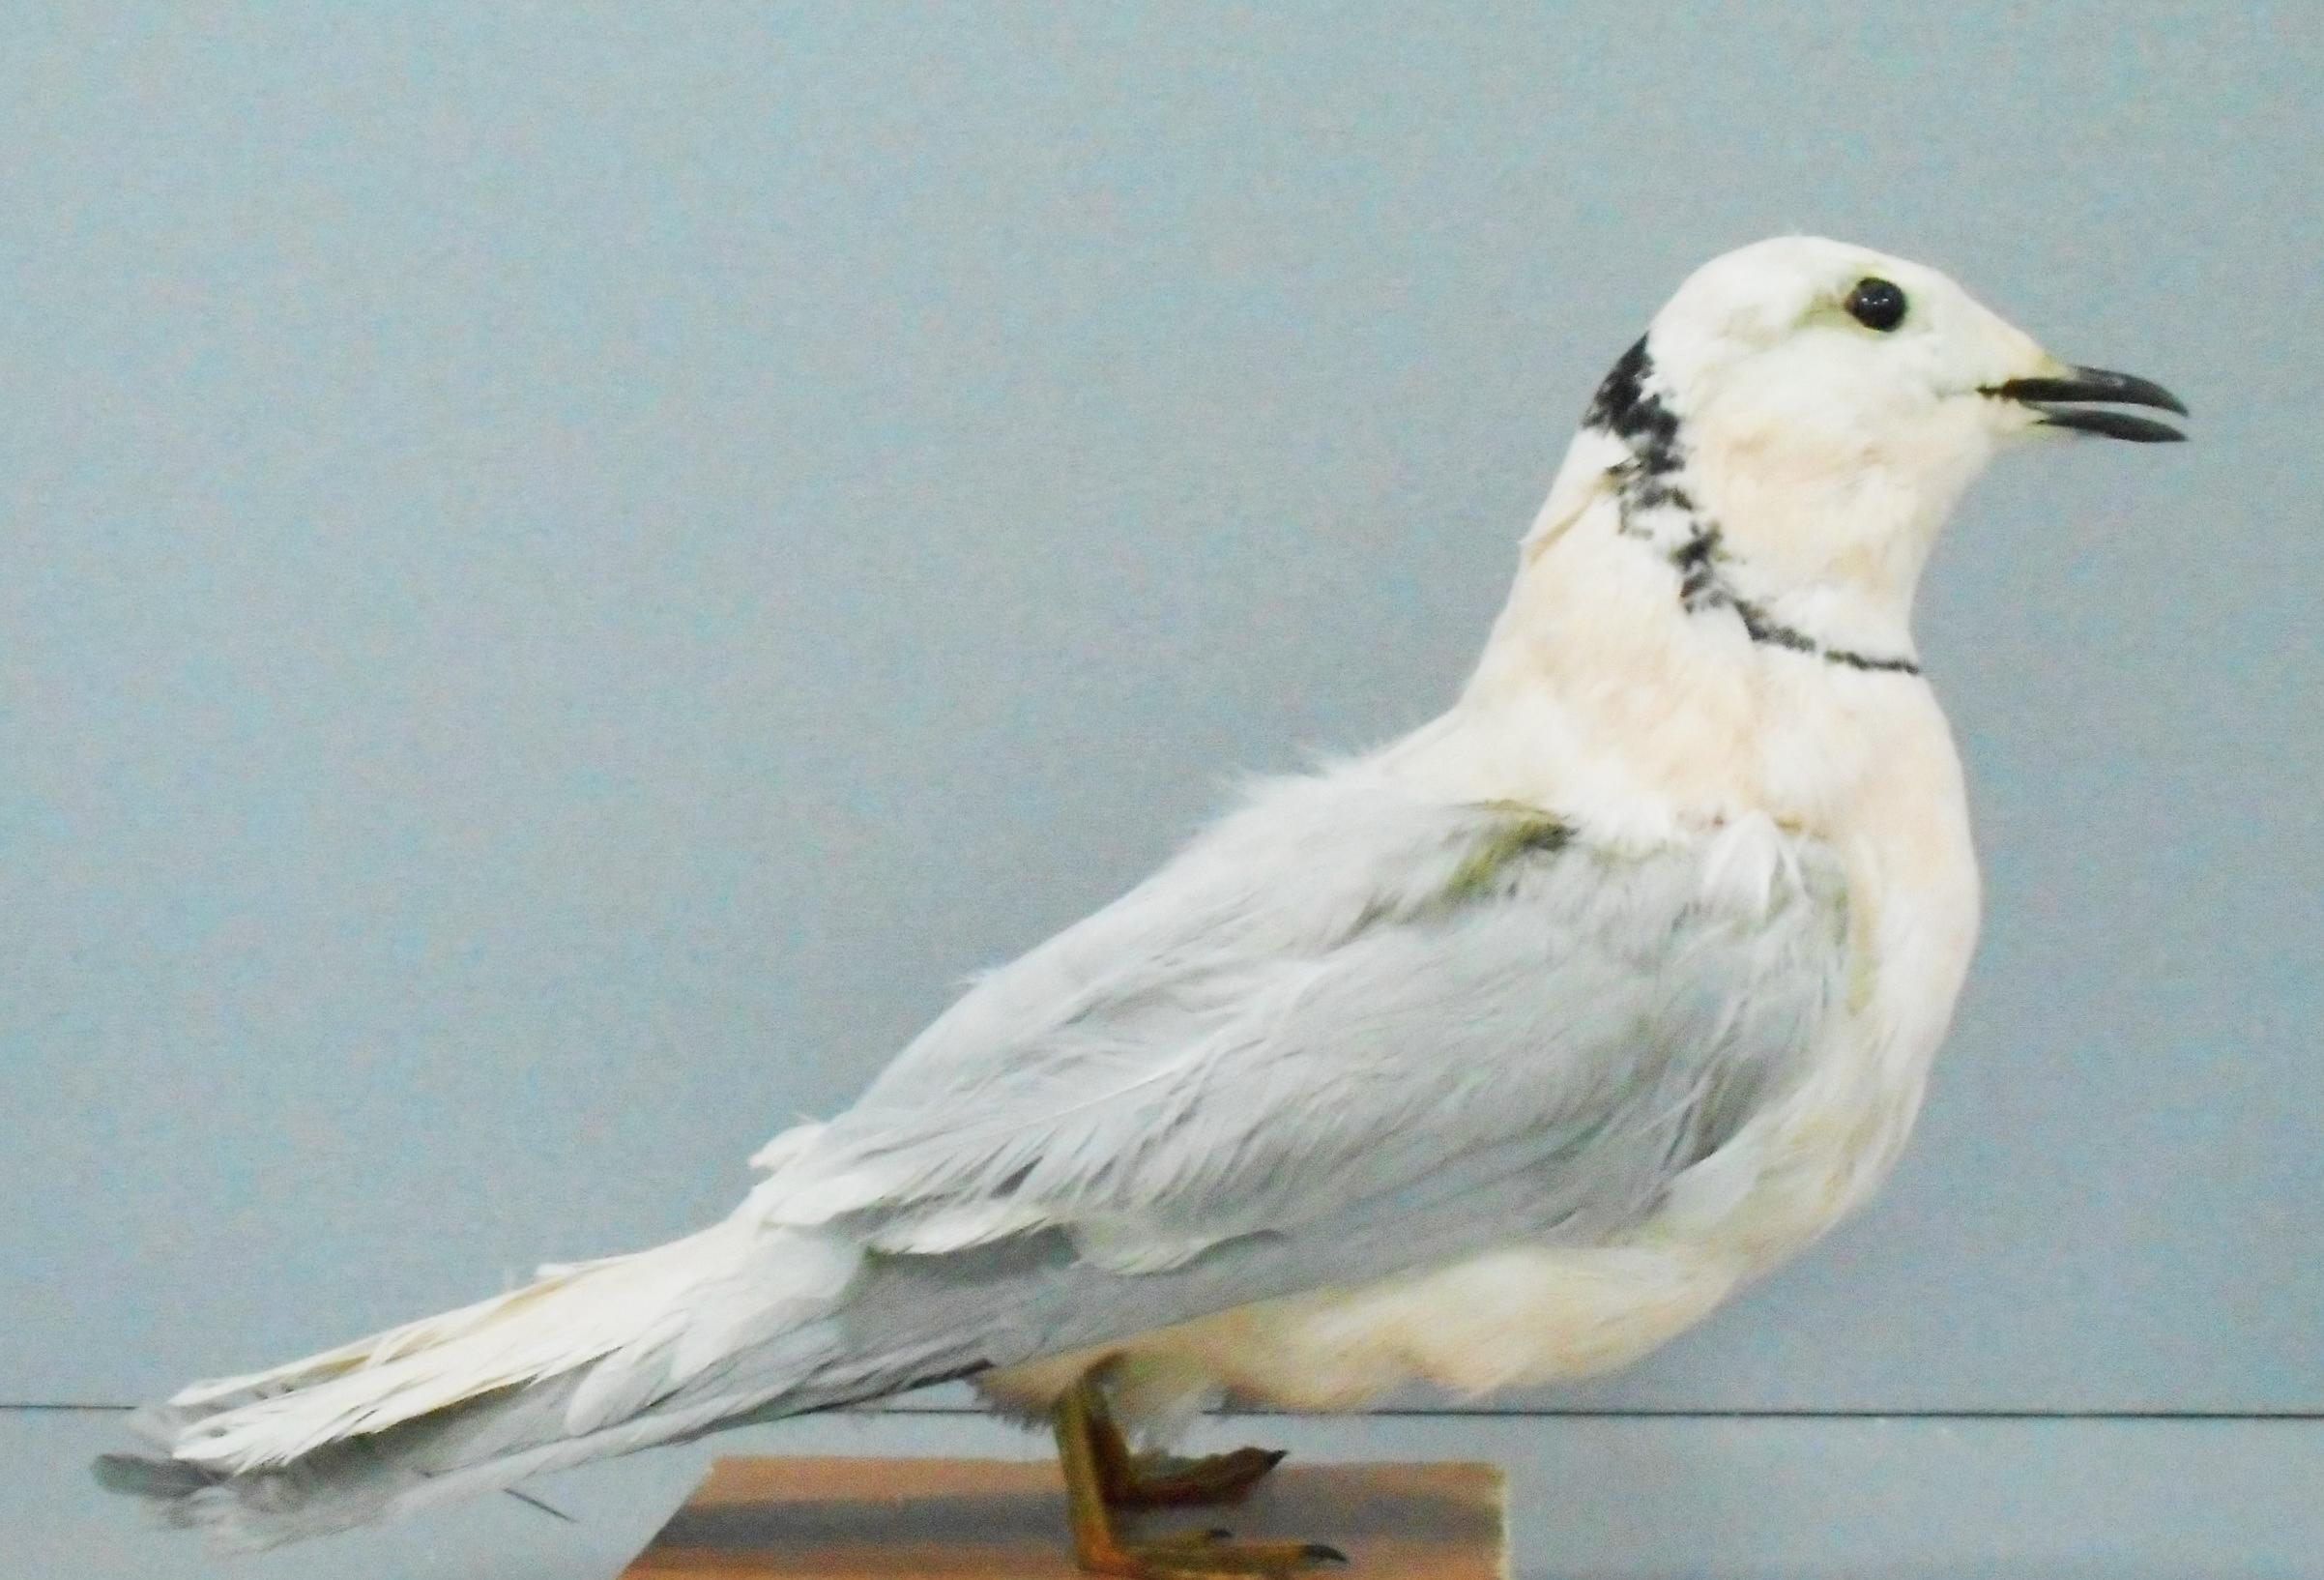 Что нужно знать о голубе китайская чайка перед приобретением